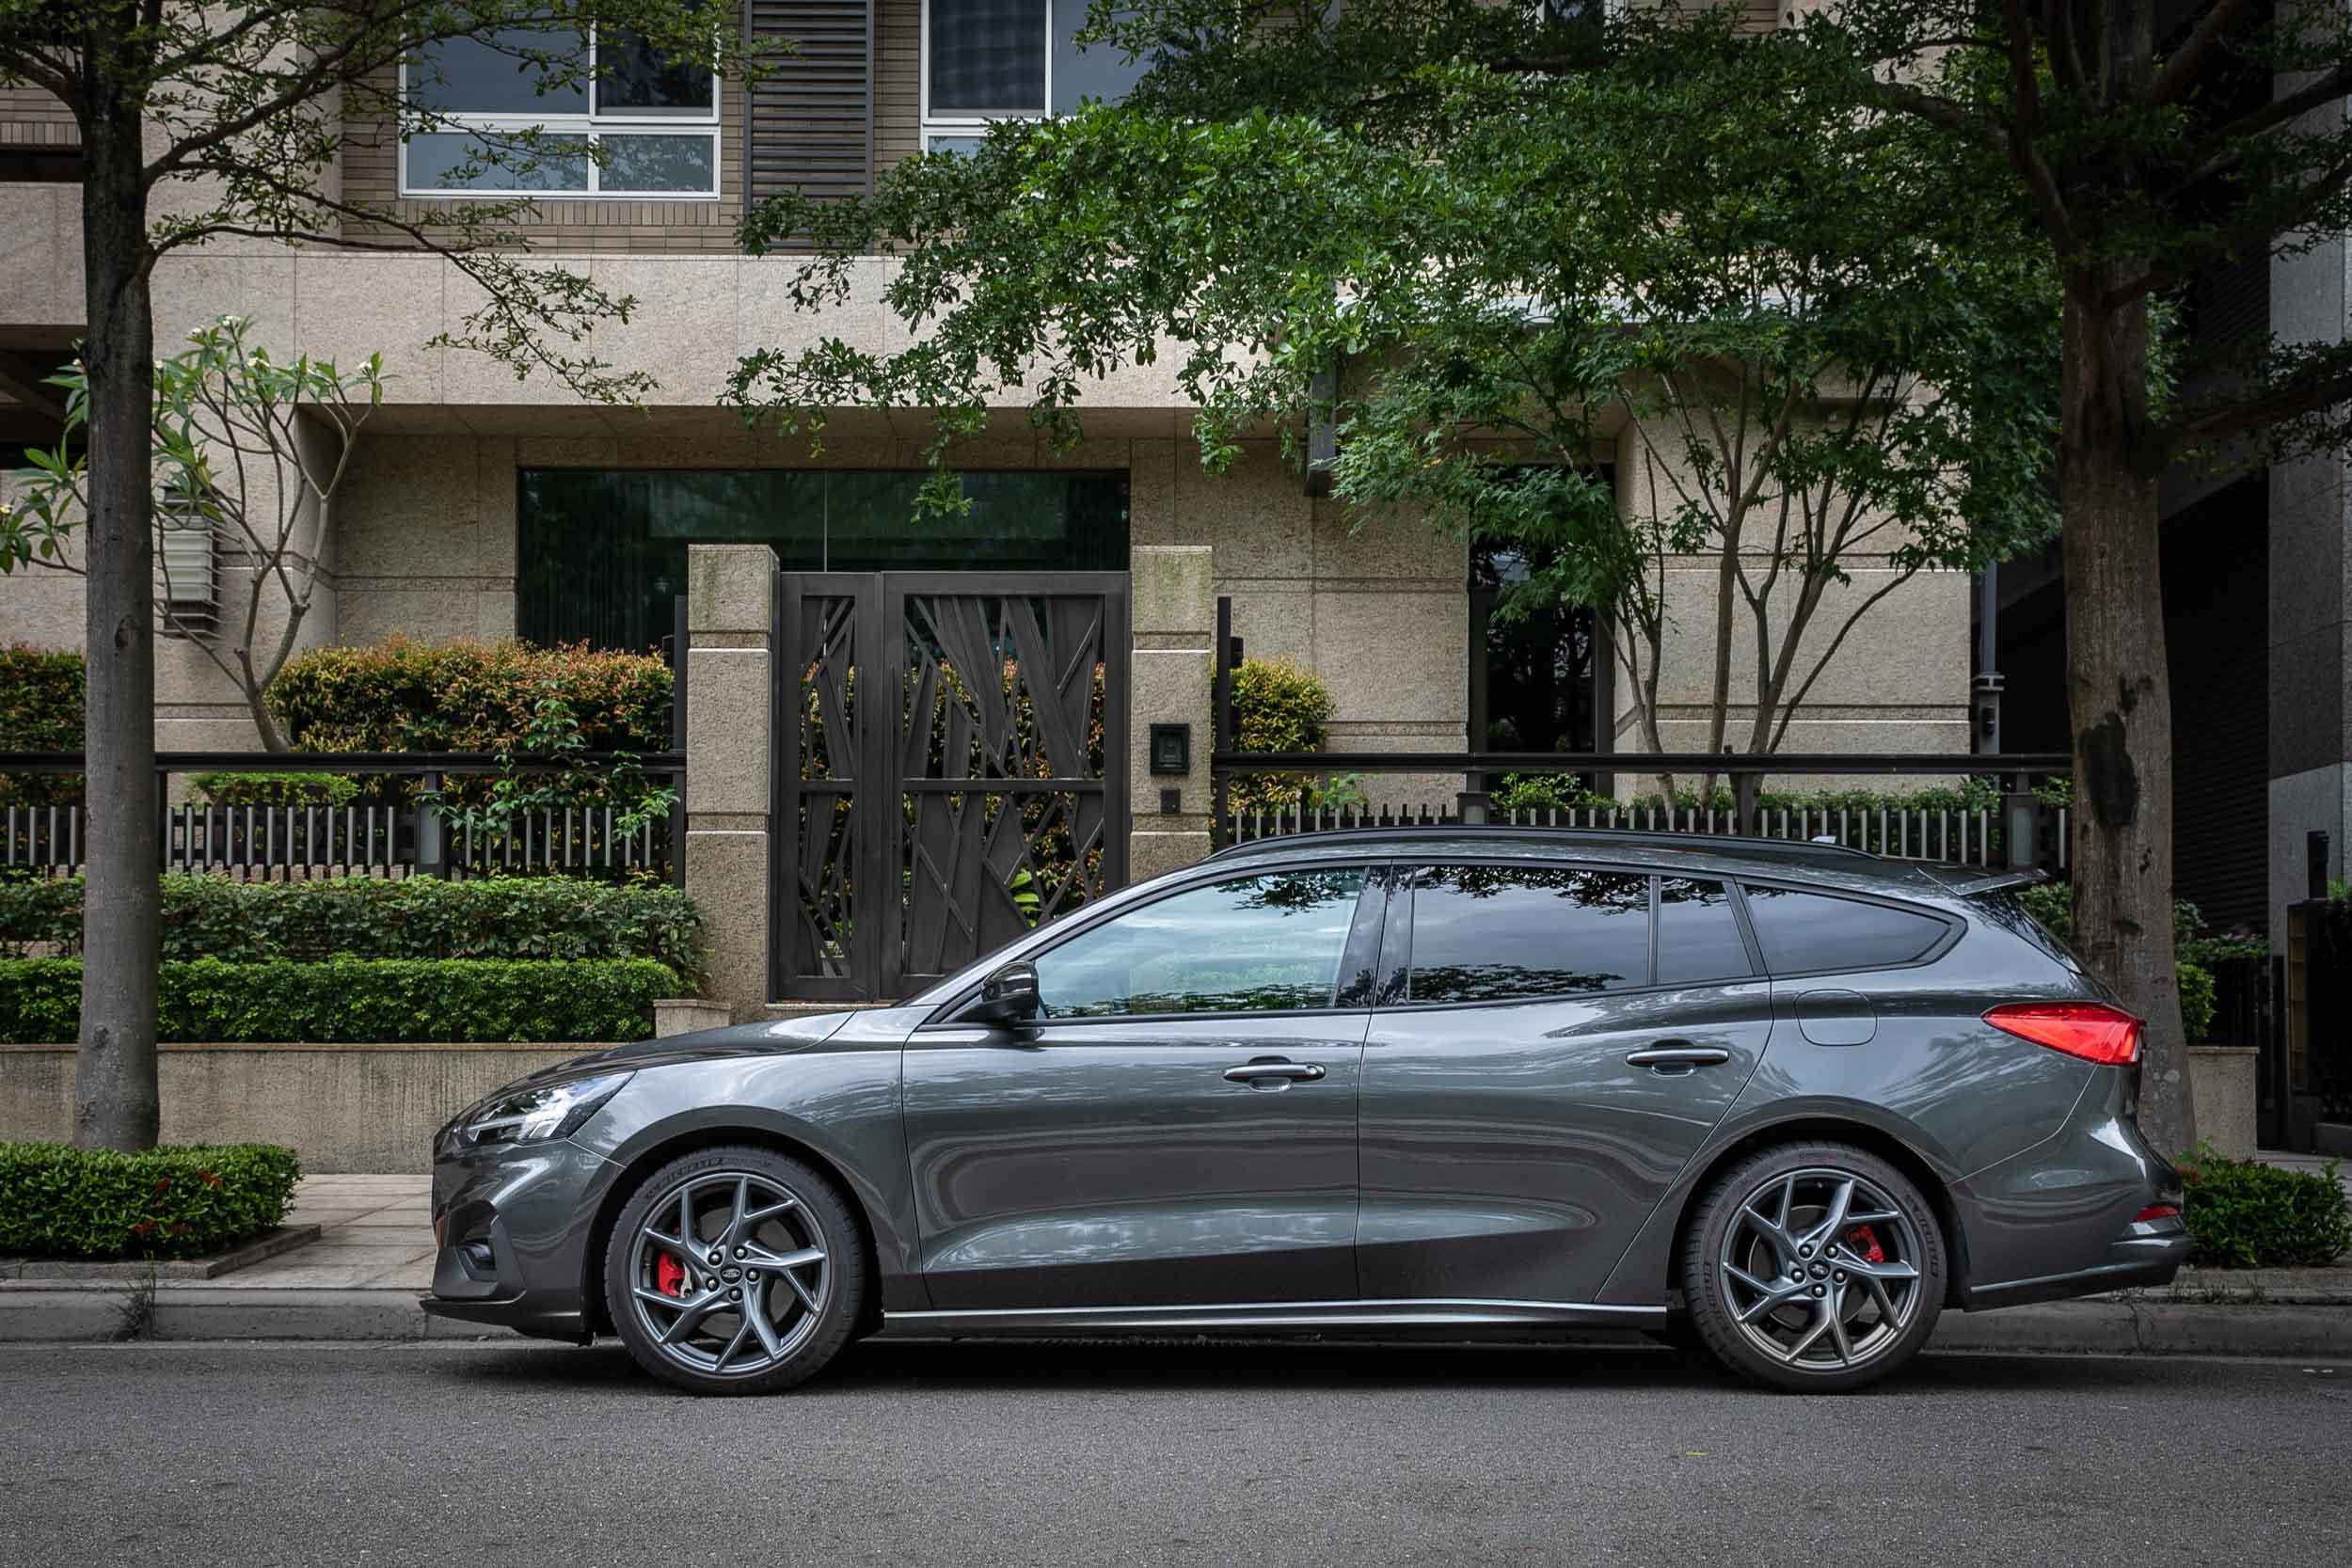 對於部分買家而言,或許 Focus ST Wagon SLS Edition滿足了他們最想要的「更低價入手」需求。